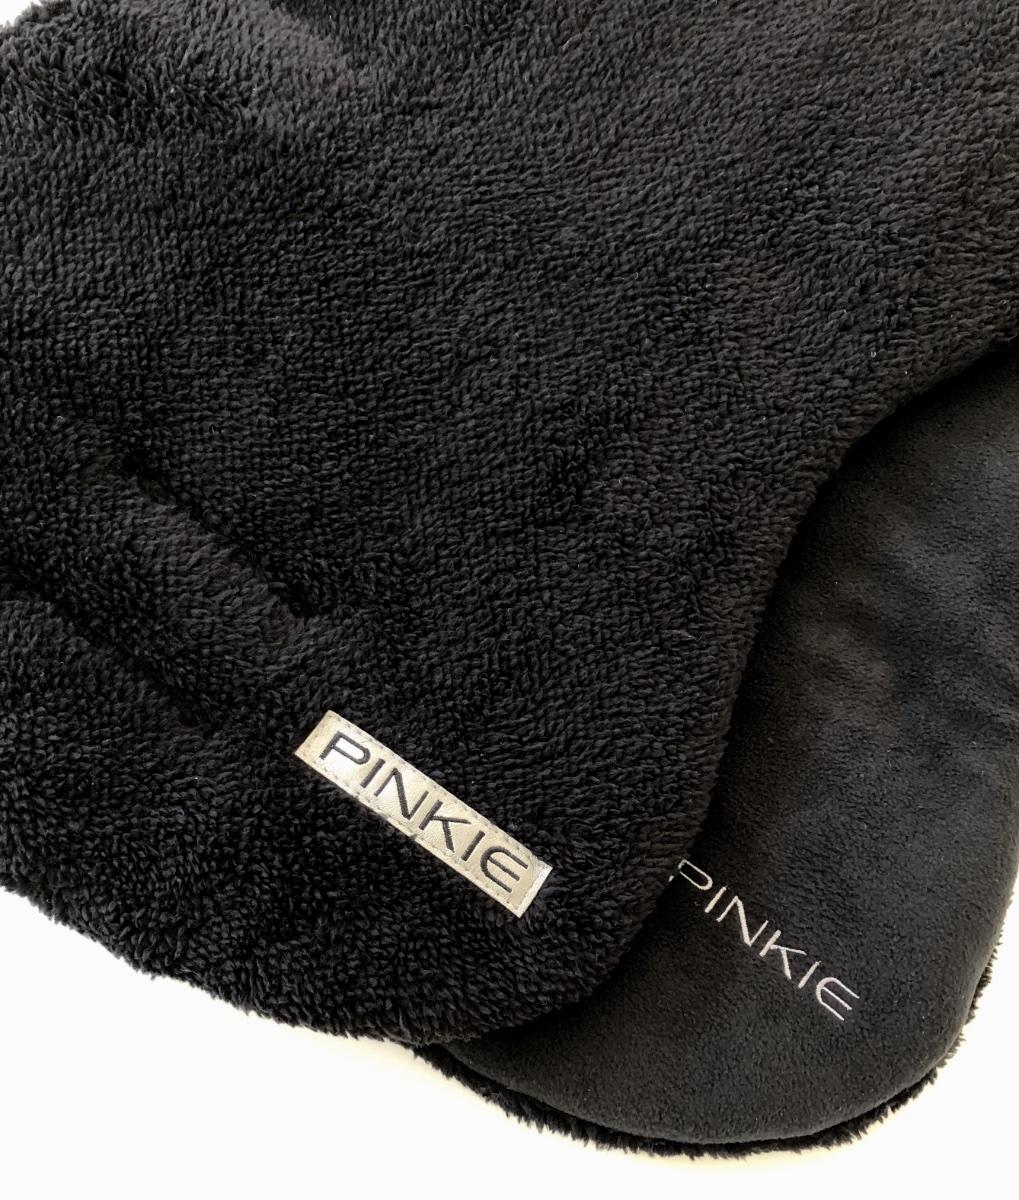 kliknutít zobrazíte maximální velikost obrázku Sitzeinlage  Pinkie Soft Black